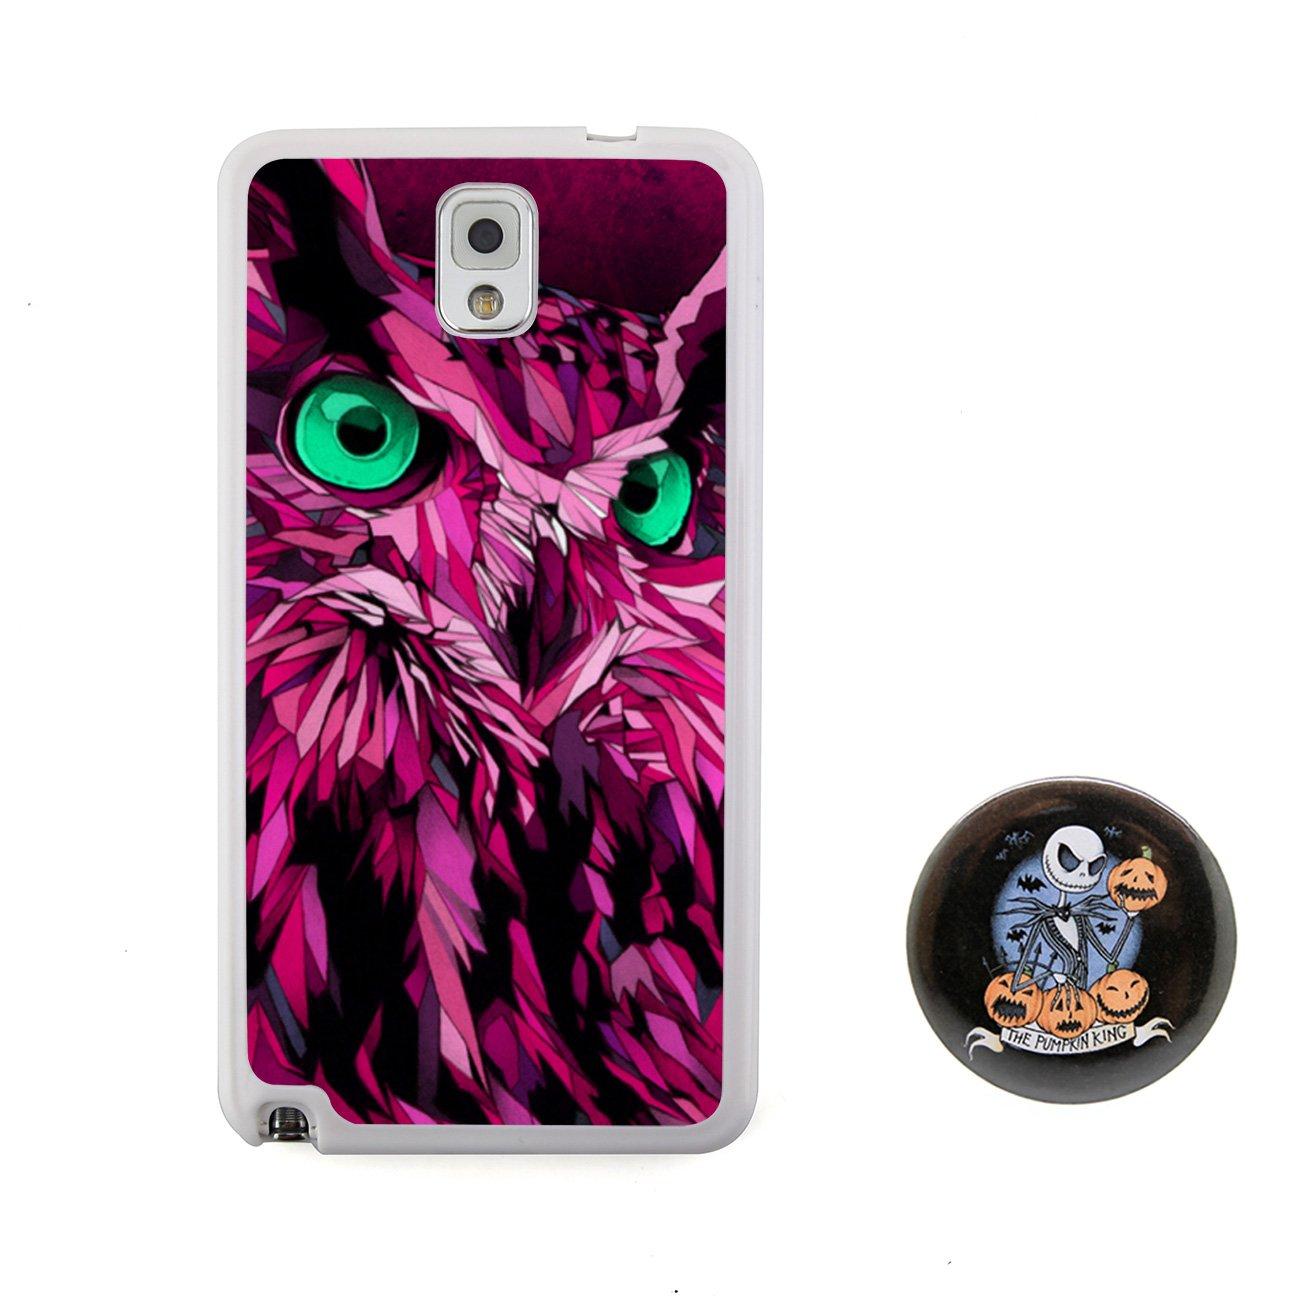 猫头鹰 3d动物图案浮雕设计风格 塑料 tpu手机壳 手机